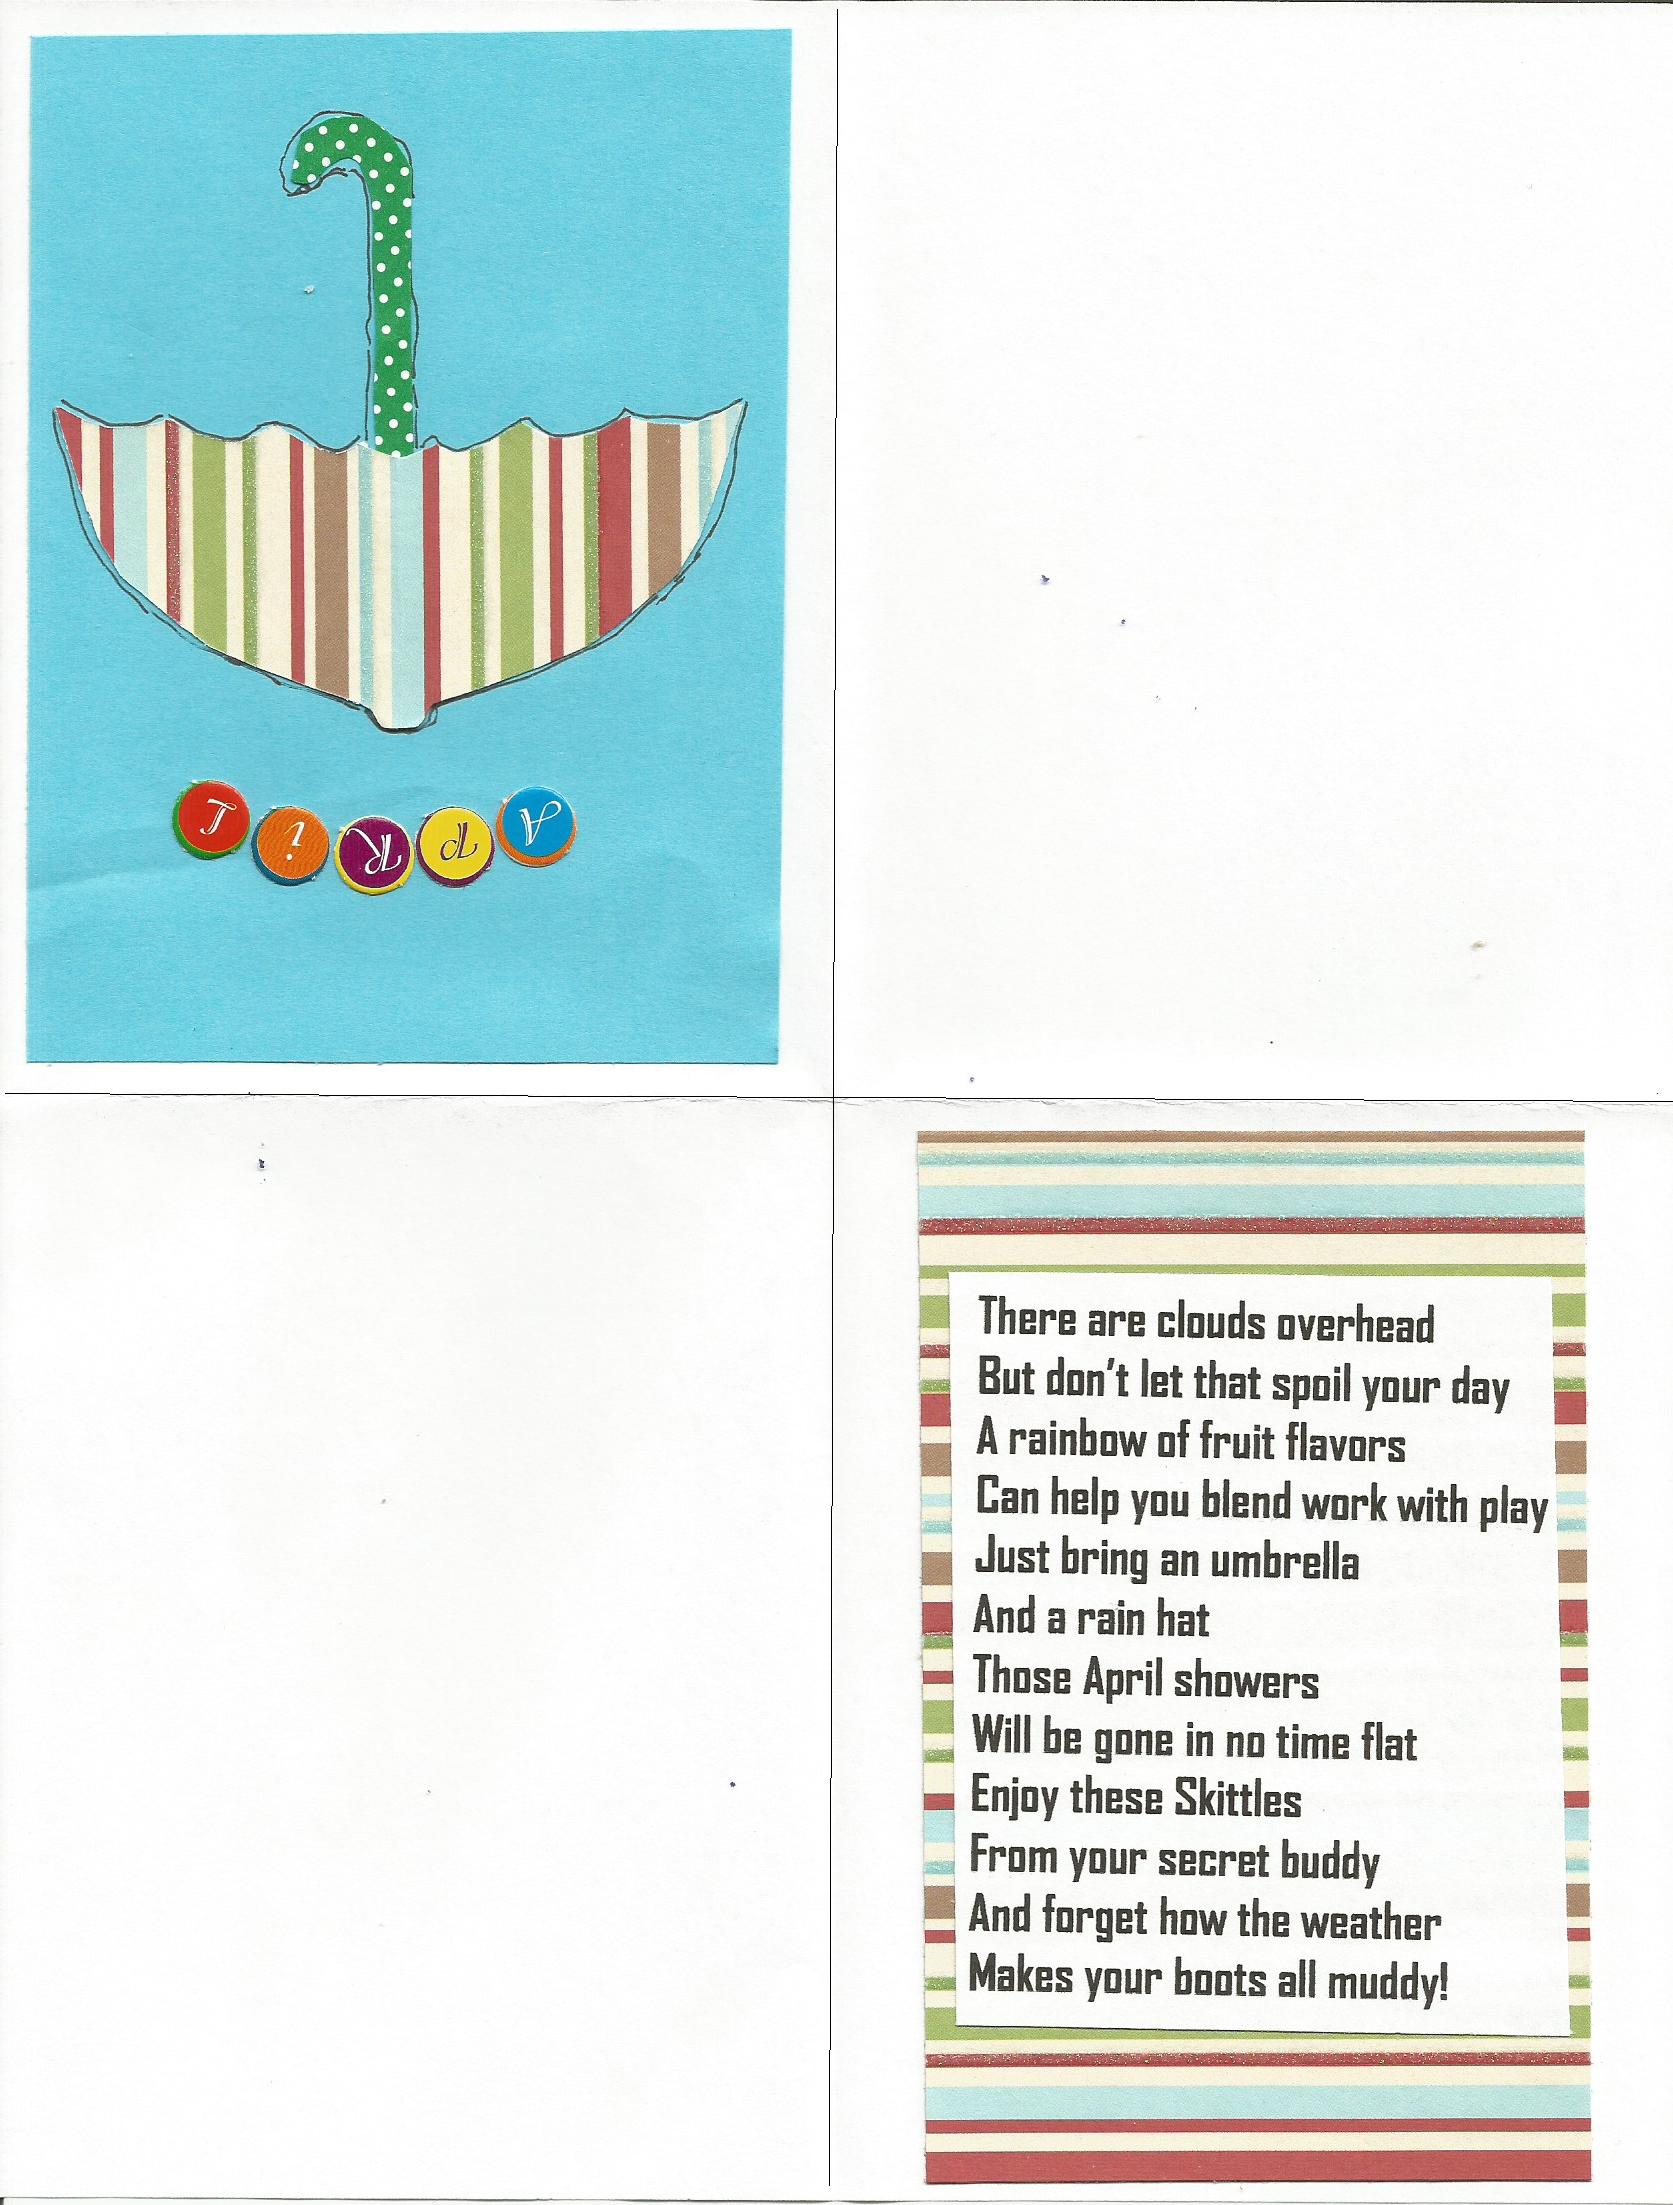 Card Ideas For A Secret Pal